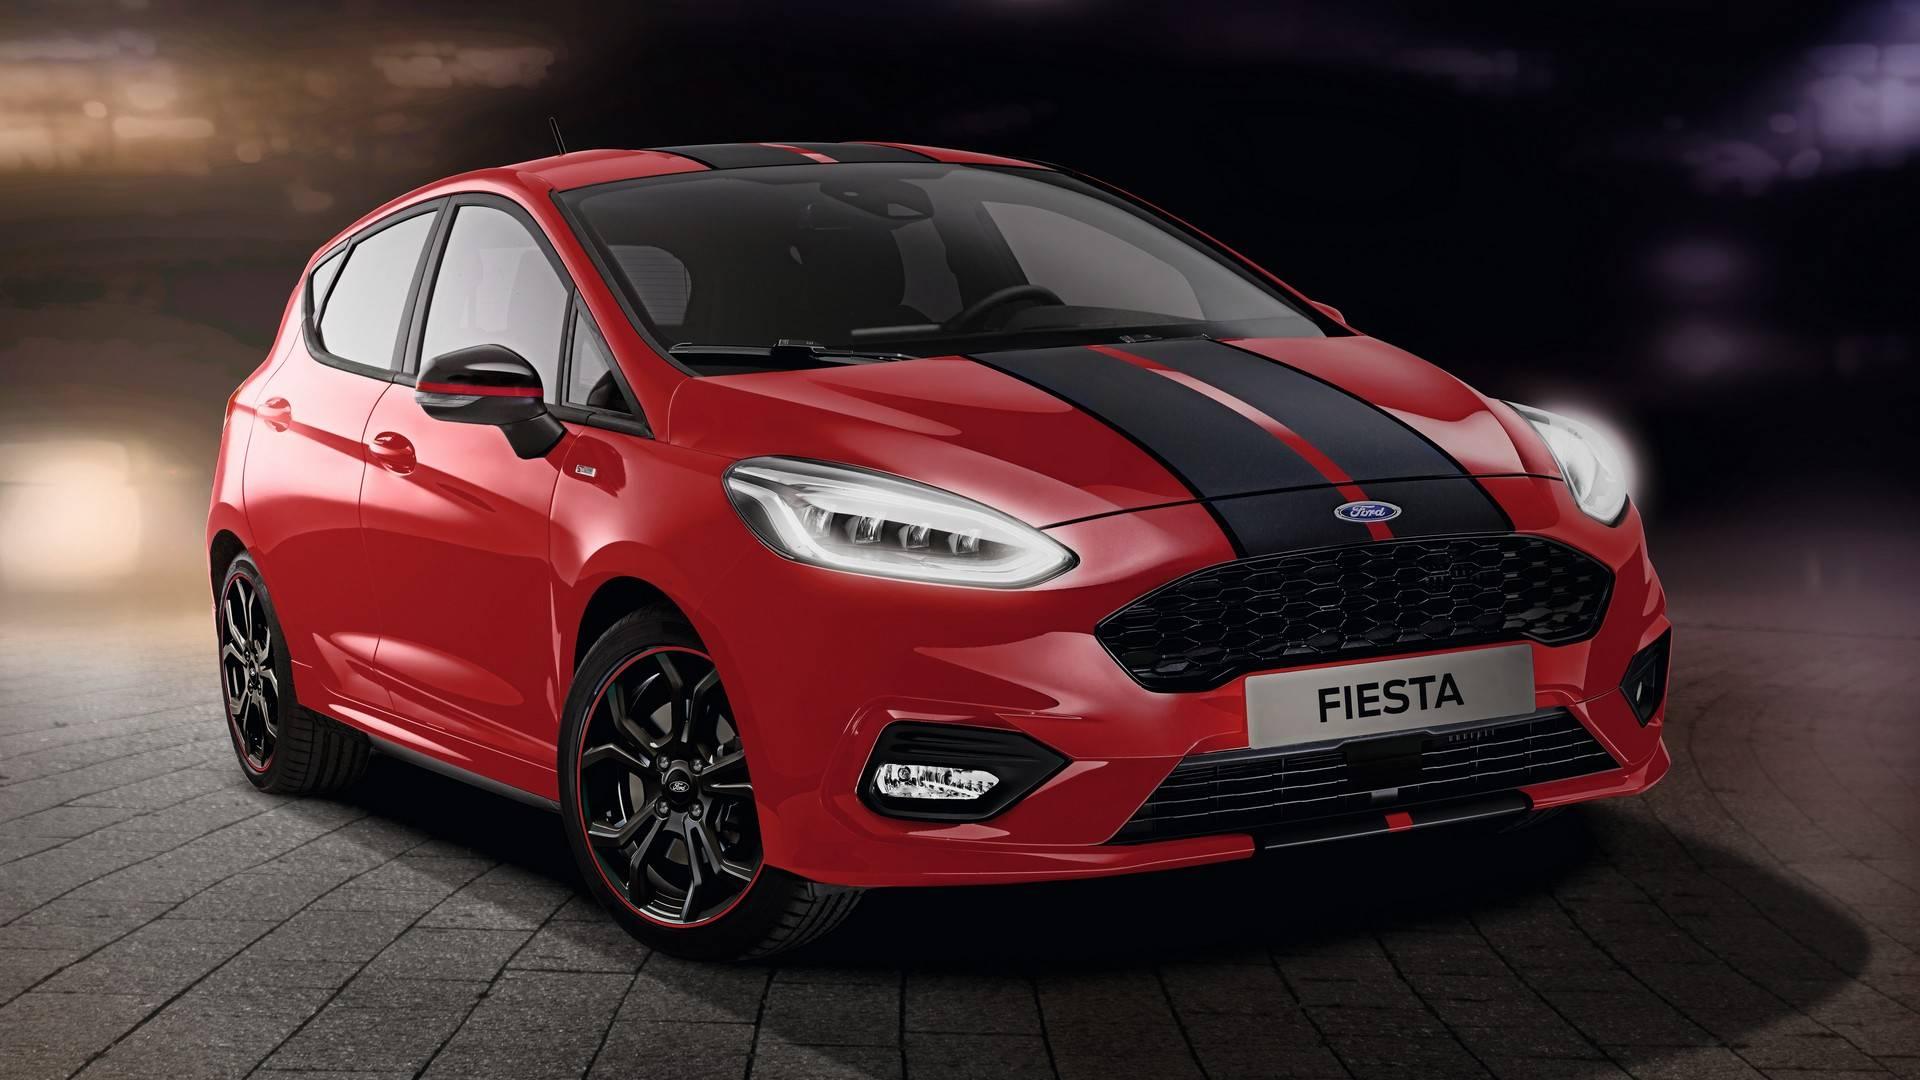 Ford Fiesta St Line X 2020 1920x1080 Wallpaper Teahub Io